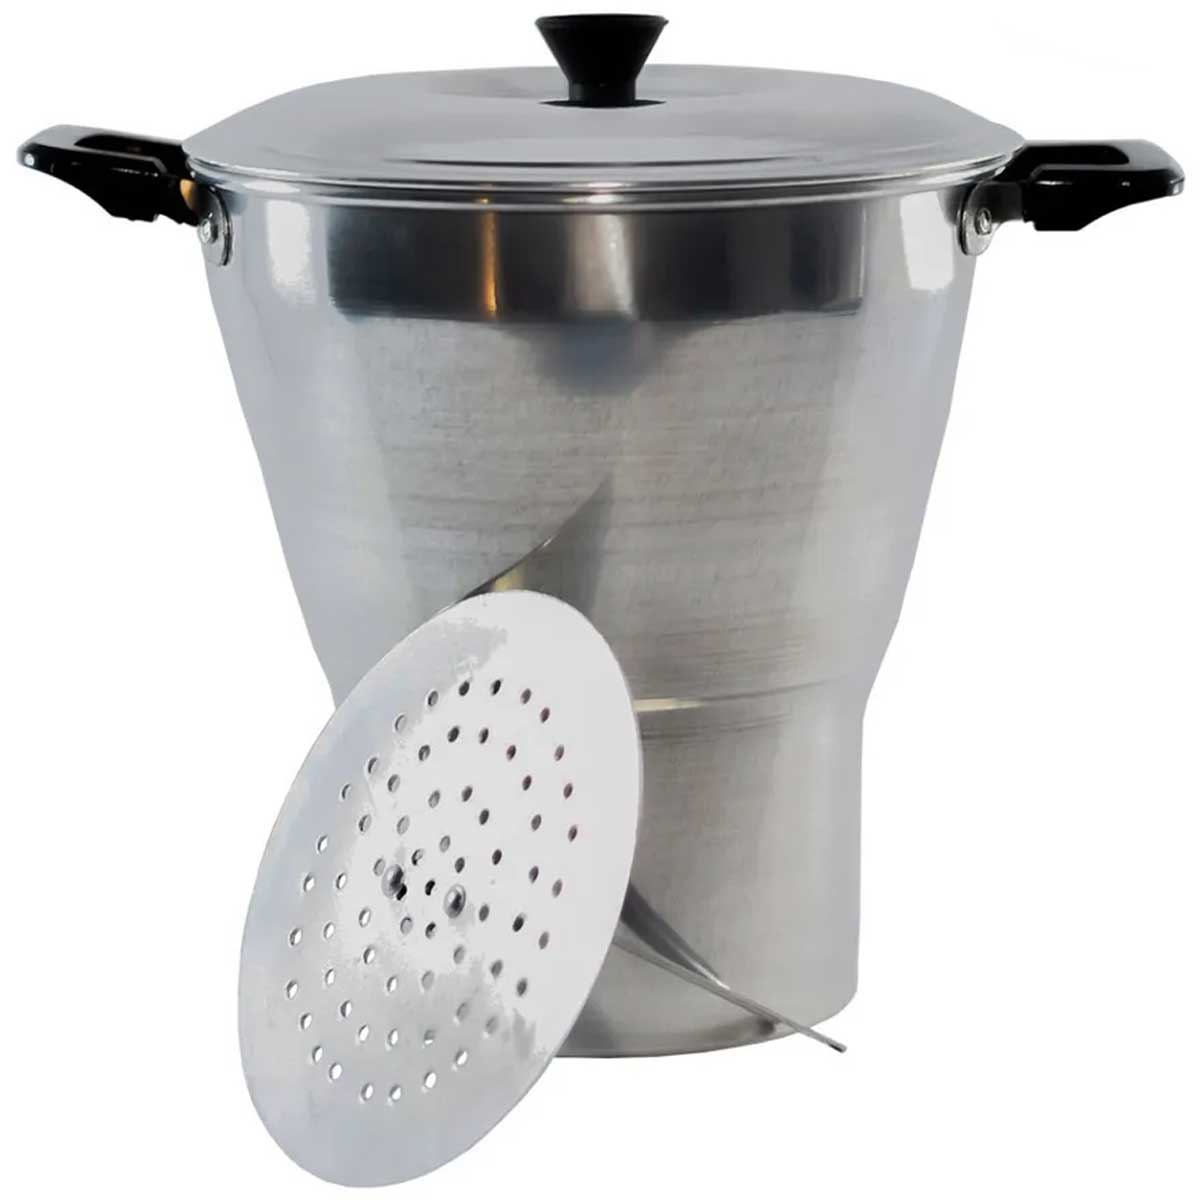 Cuscuzeiro em alumínio polido 18cm cozinha legumes no vapor